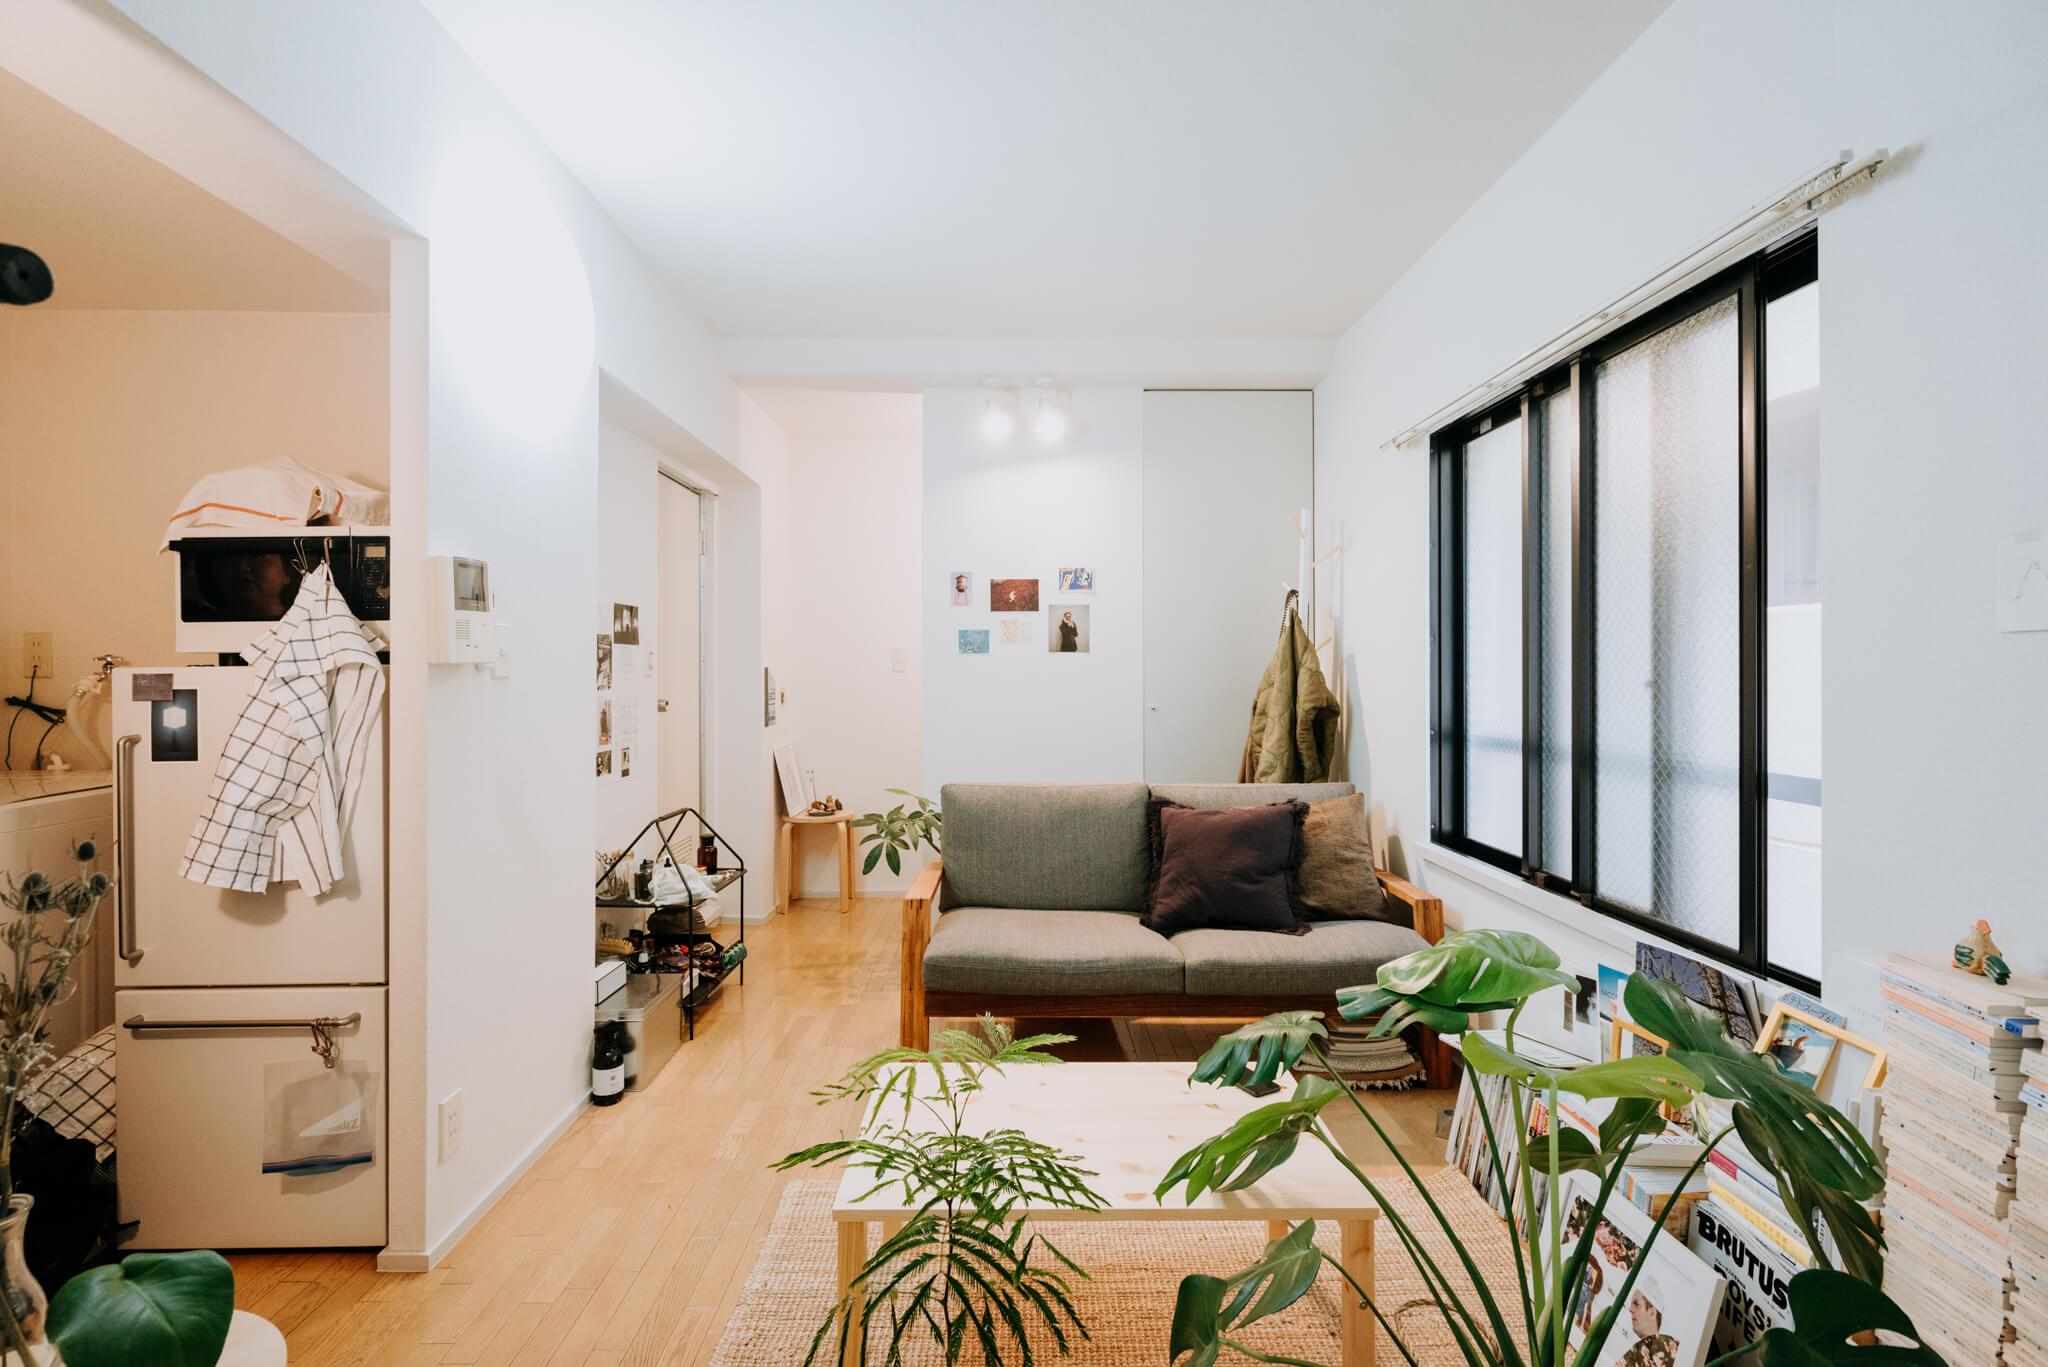 木のぬくもりが感じられ、シャープなデザインのウッドアームソファ。軽く見えるので、壁に沿わせずお部屋の中間に置きたい場合などにもおすすめです。(このお部屋はこちら)